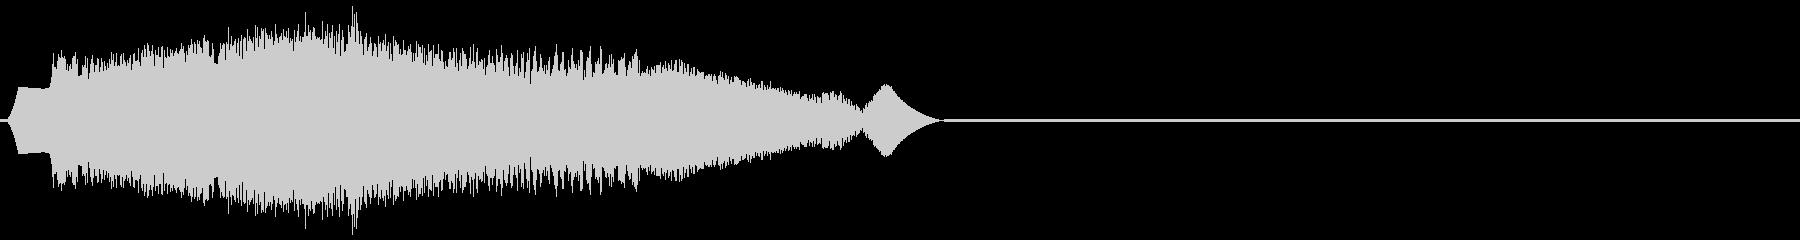 レーザー光子リングaの未再生の波形